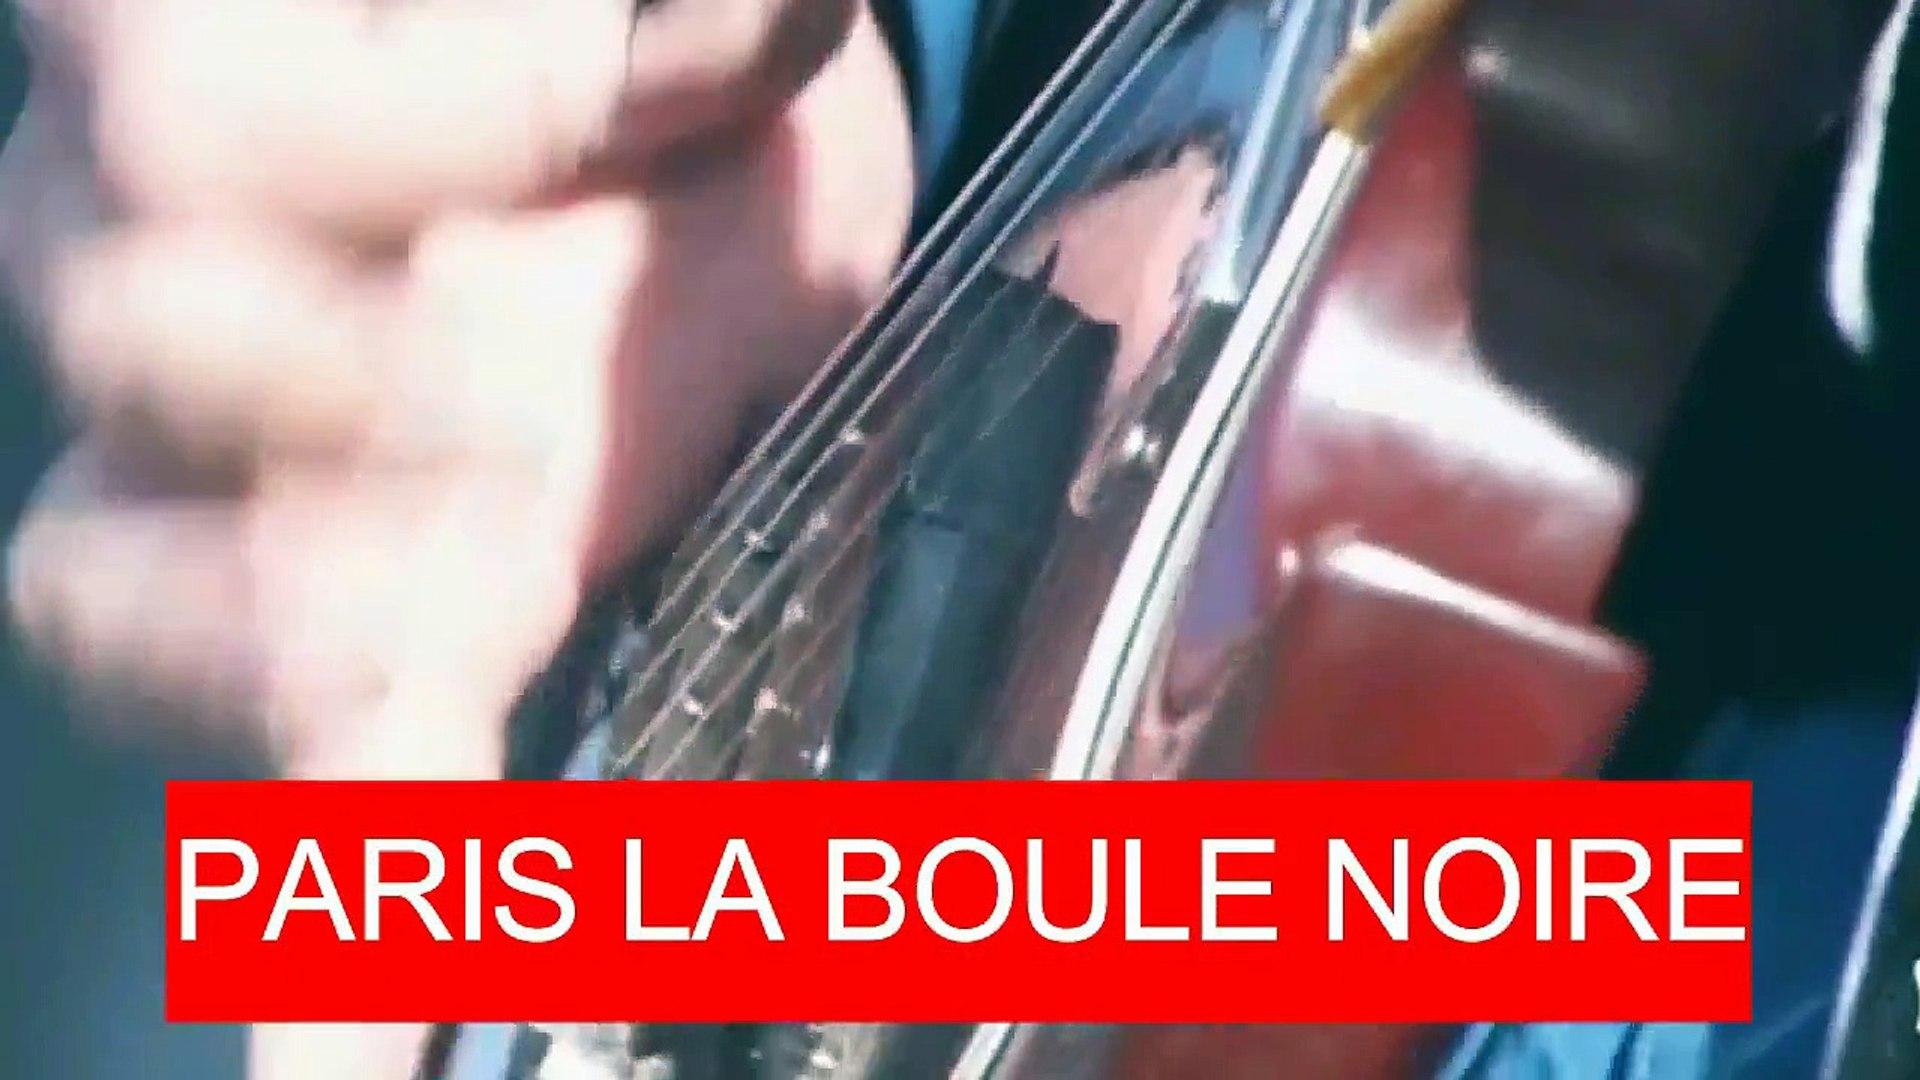 BUZZ en concert à LA BOULE NOIRE le 15 décembre 2016 (teaser)